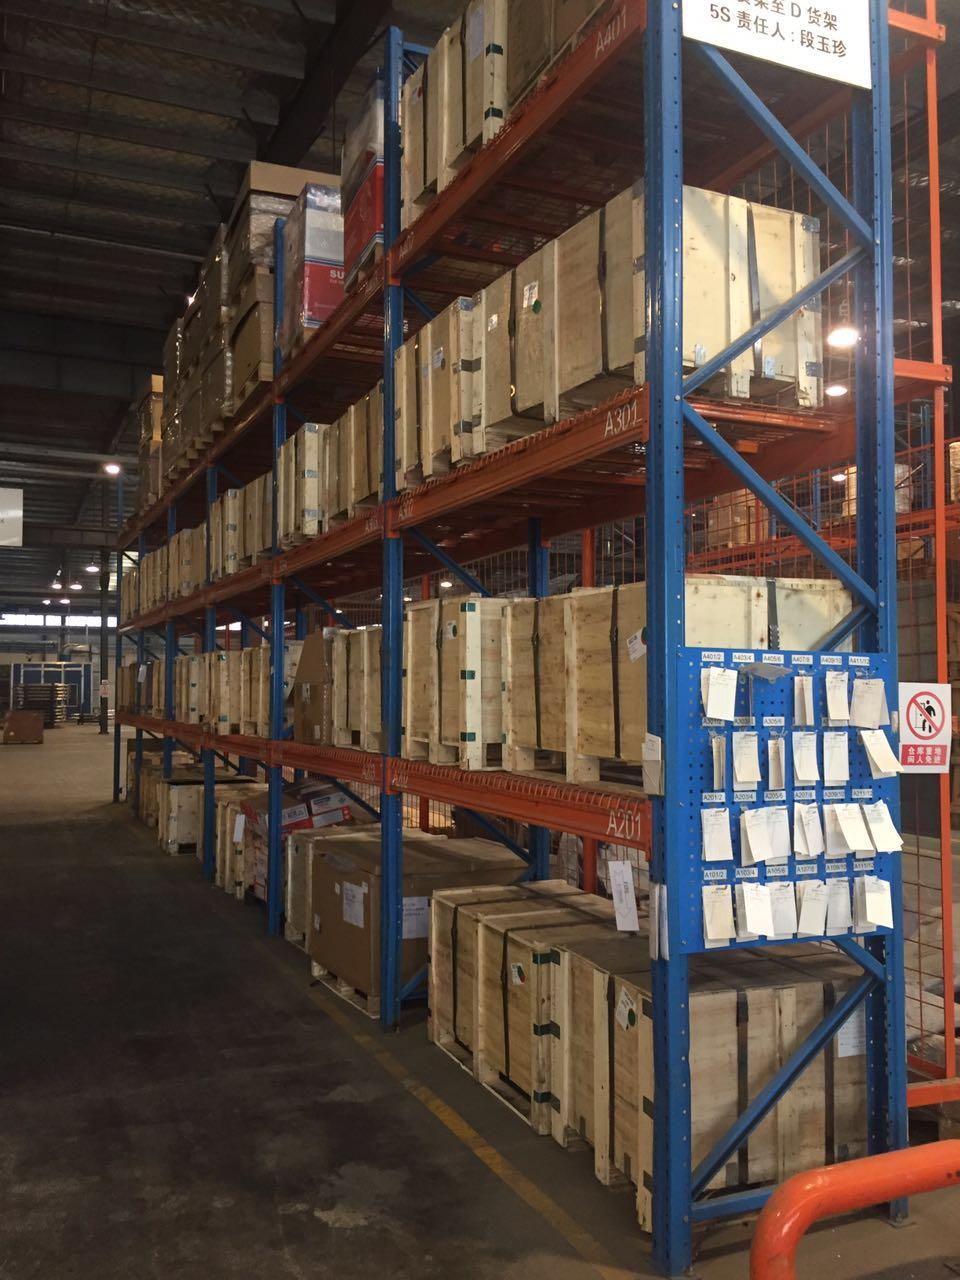 3满足不同重量的货物存储要求托盘货架的托盘承载可定做,每层可承重800-5000kg,可满足不同货物的存储要求。